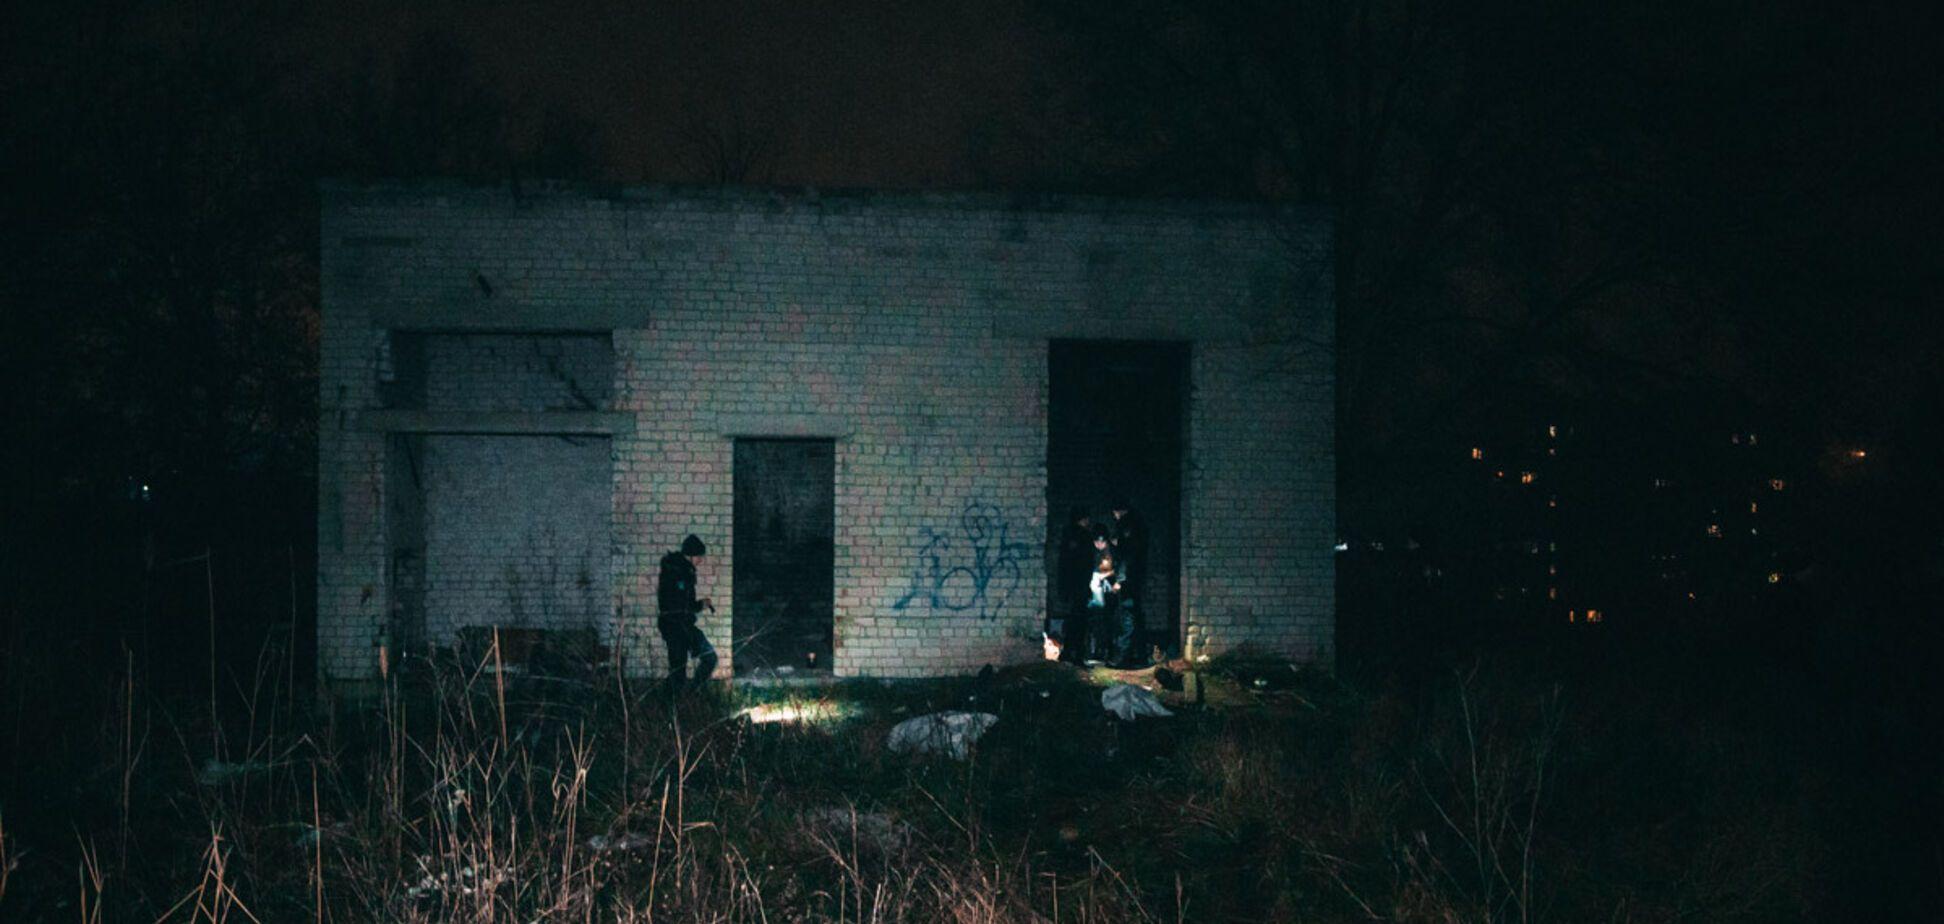 У Дніпрі чоловік вбив 12-річного хлопчика і сховав тіло в покинутому будинку